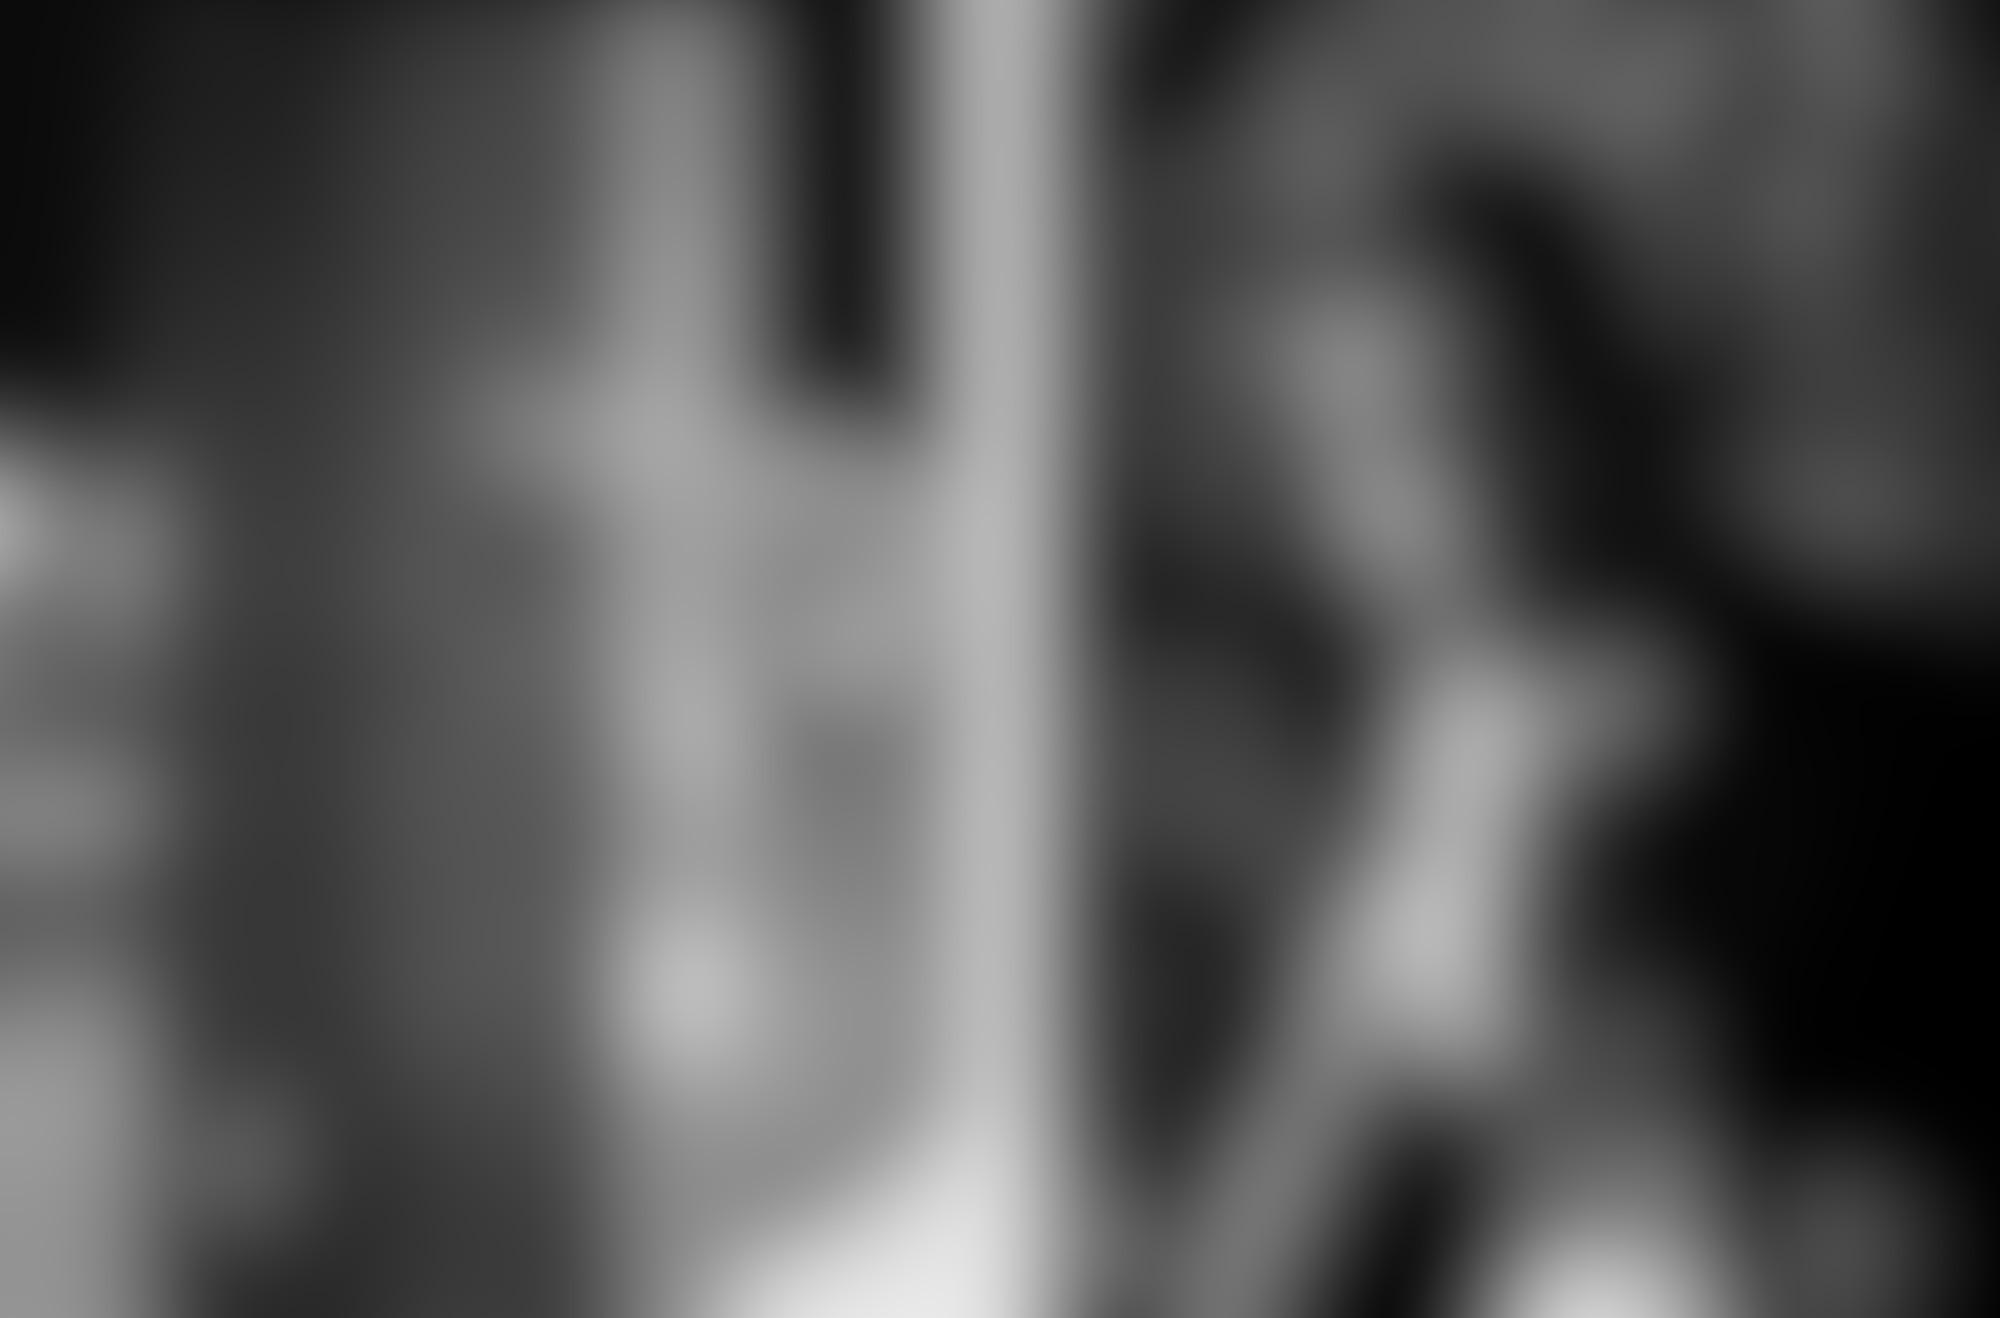 PP photo4 autocompressfitresizeixlibphp 1 1 0max h2000max w3 D2000q80s4ccf05d984e130a989c2d13857ecf731